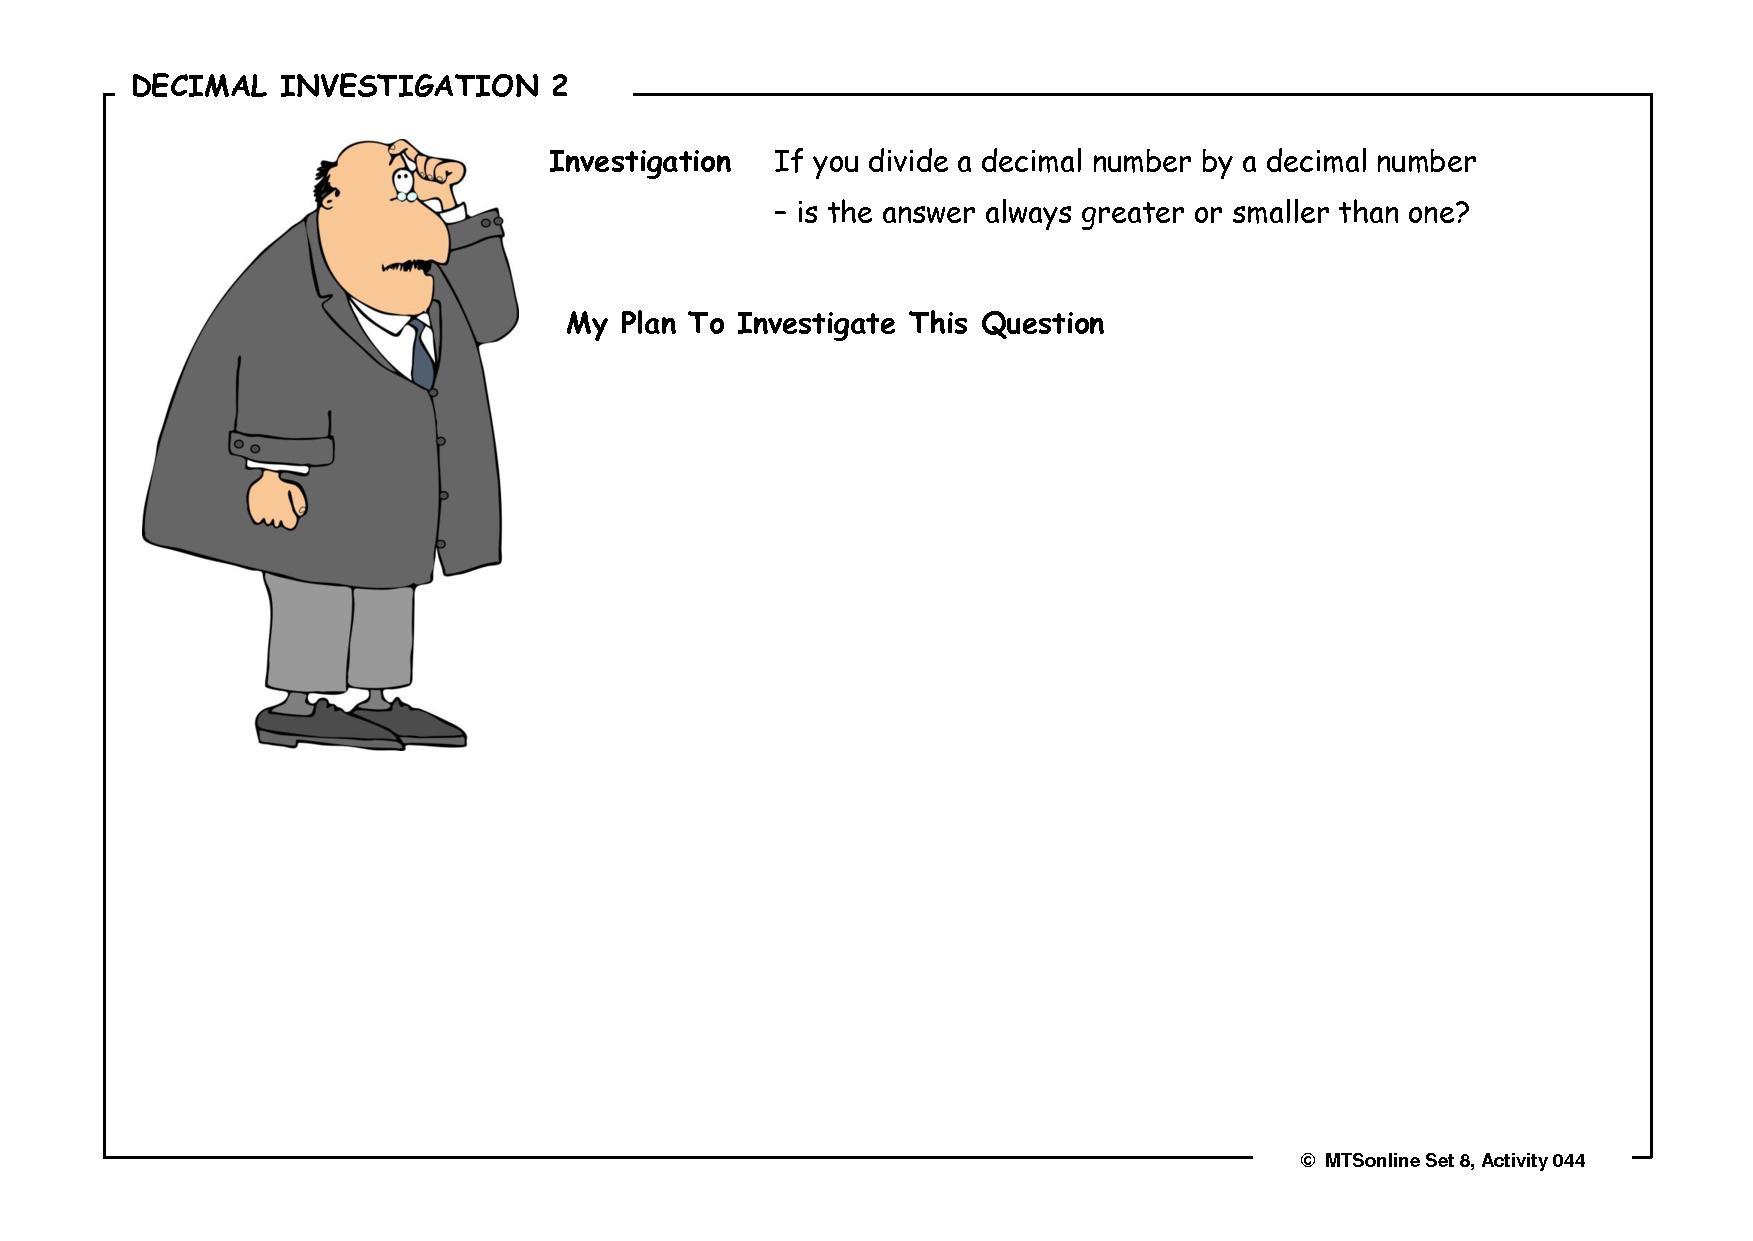 044decimal_investigation_20001